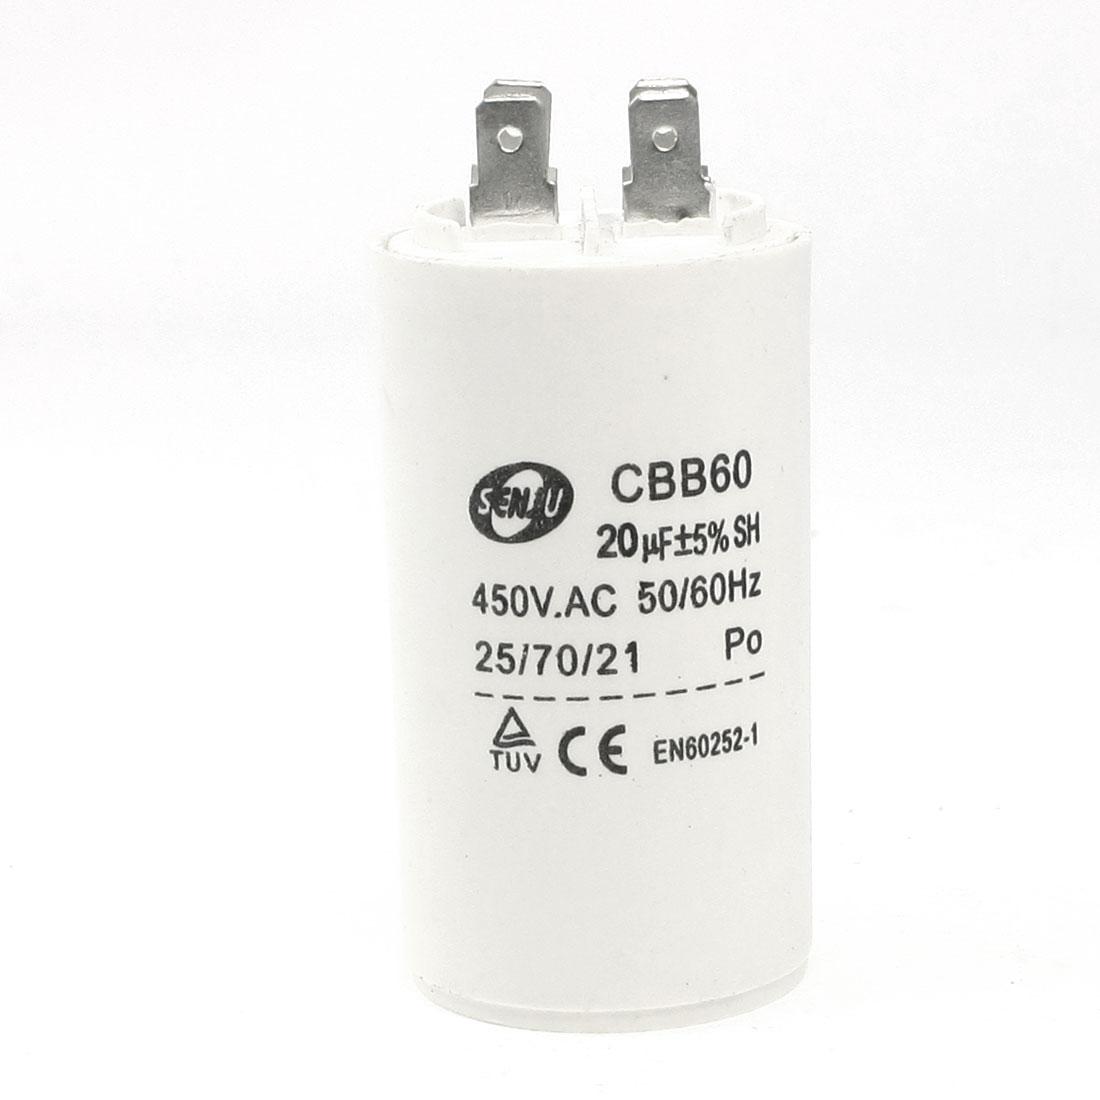 AC 450V 20uF 50/60Hz Washing Machine CBB60 Nonpolar Motor Running Capacitor